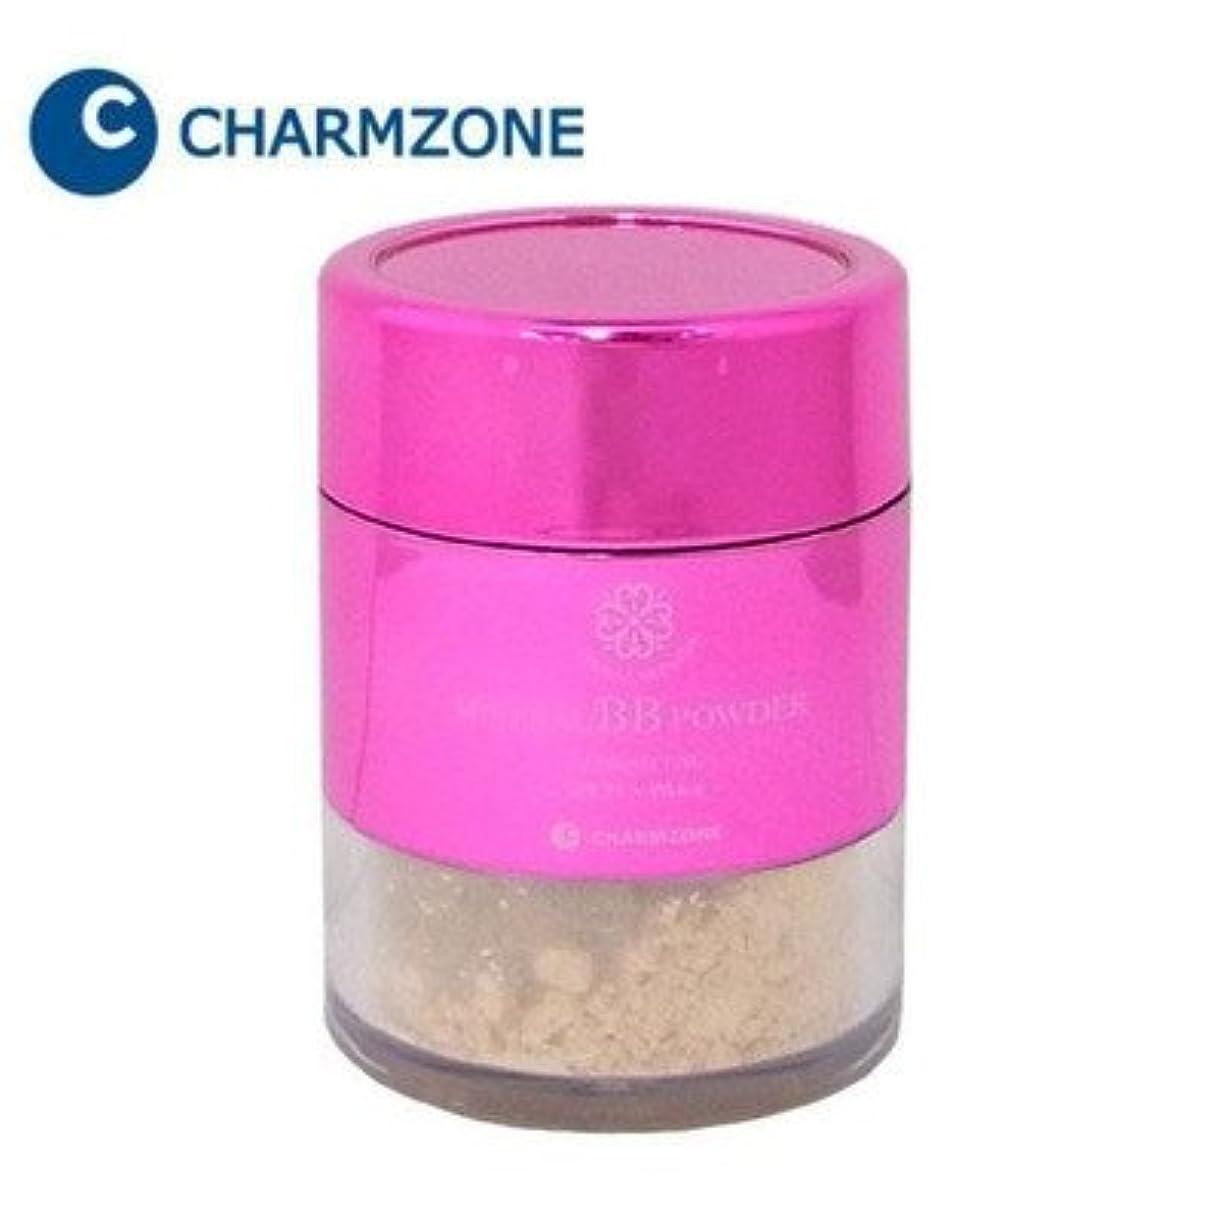 告発者分析成功する77種類の保湿成分配合パウダーでツヤ肌に チャームゾーン ナチュラルスキンエード ミネラルBBパウダー プレミアム 10g